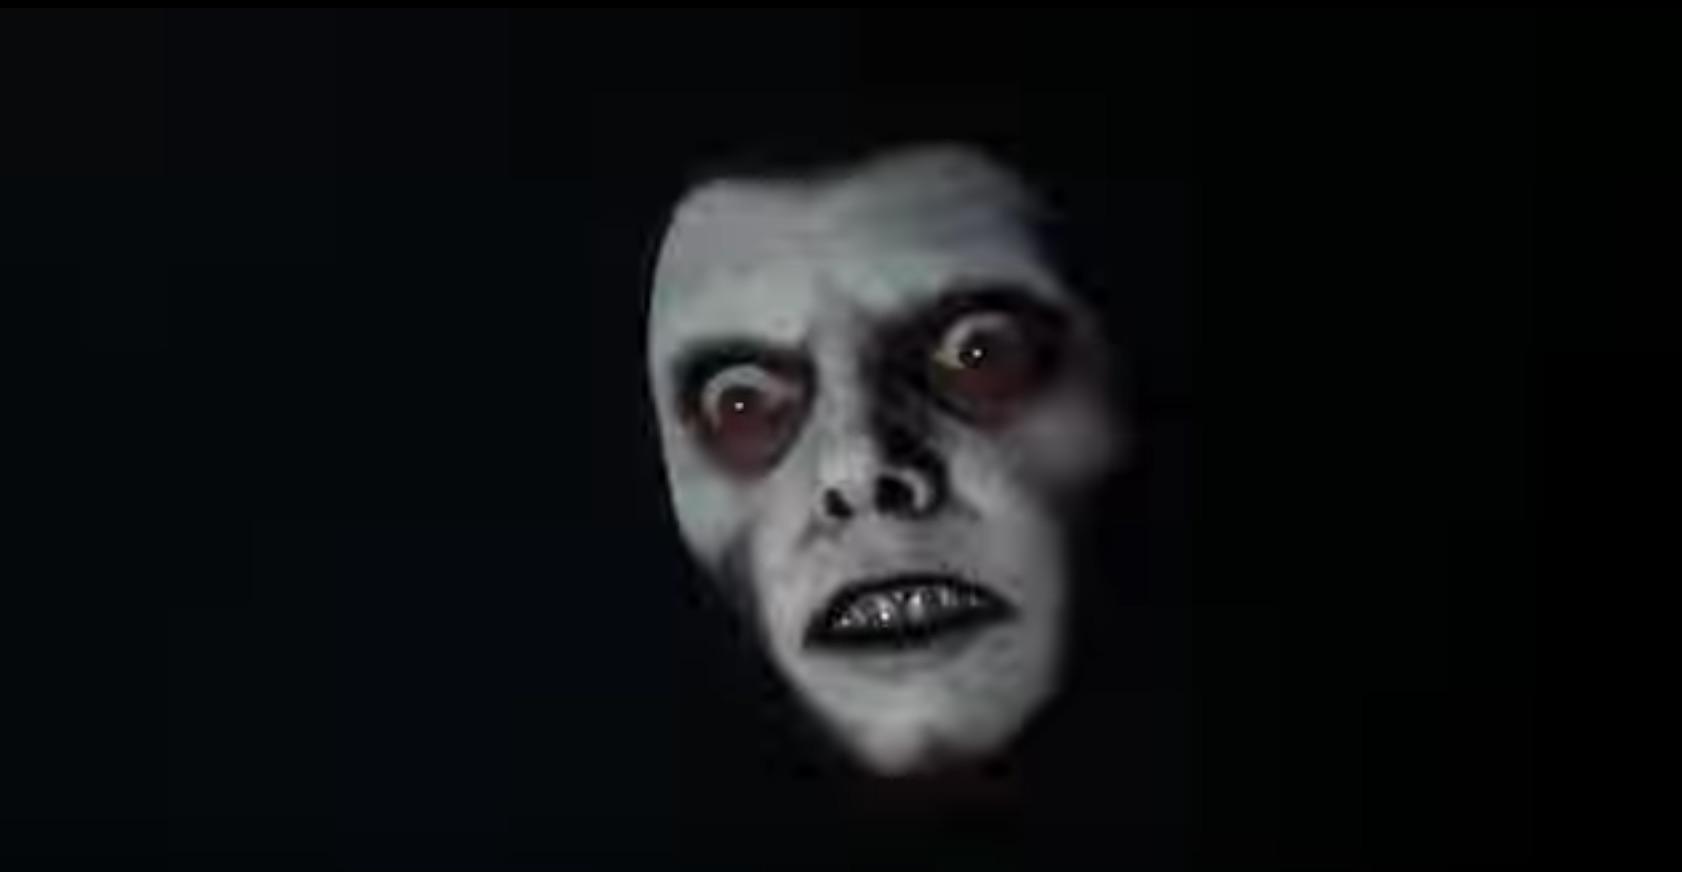 Devils Exorcist